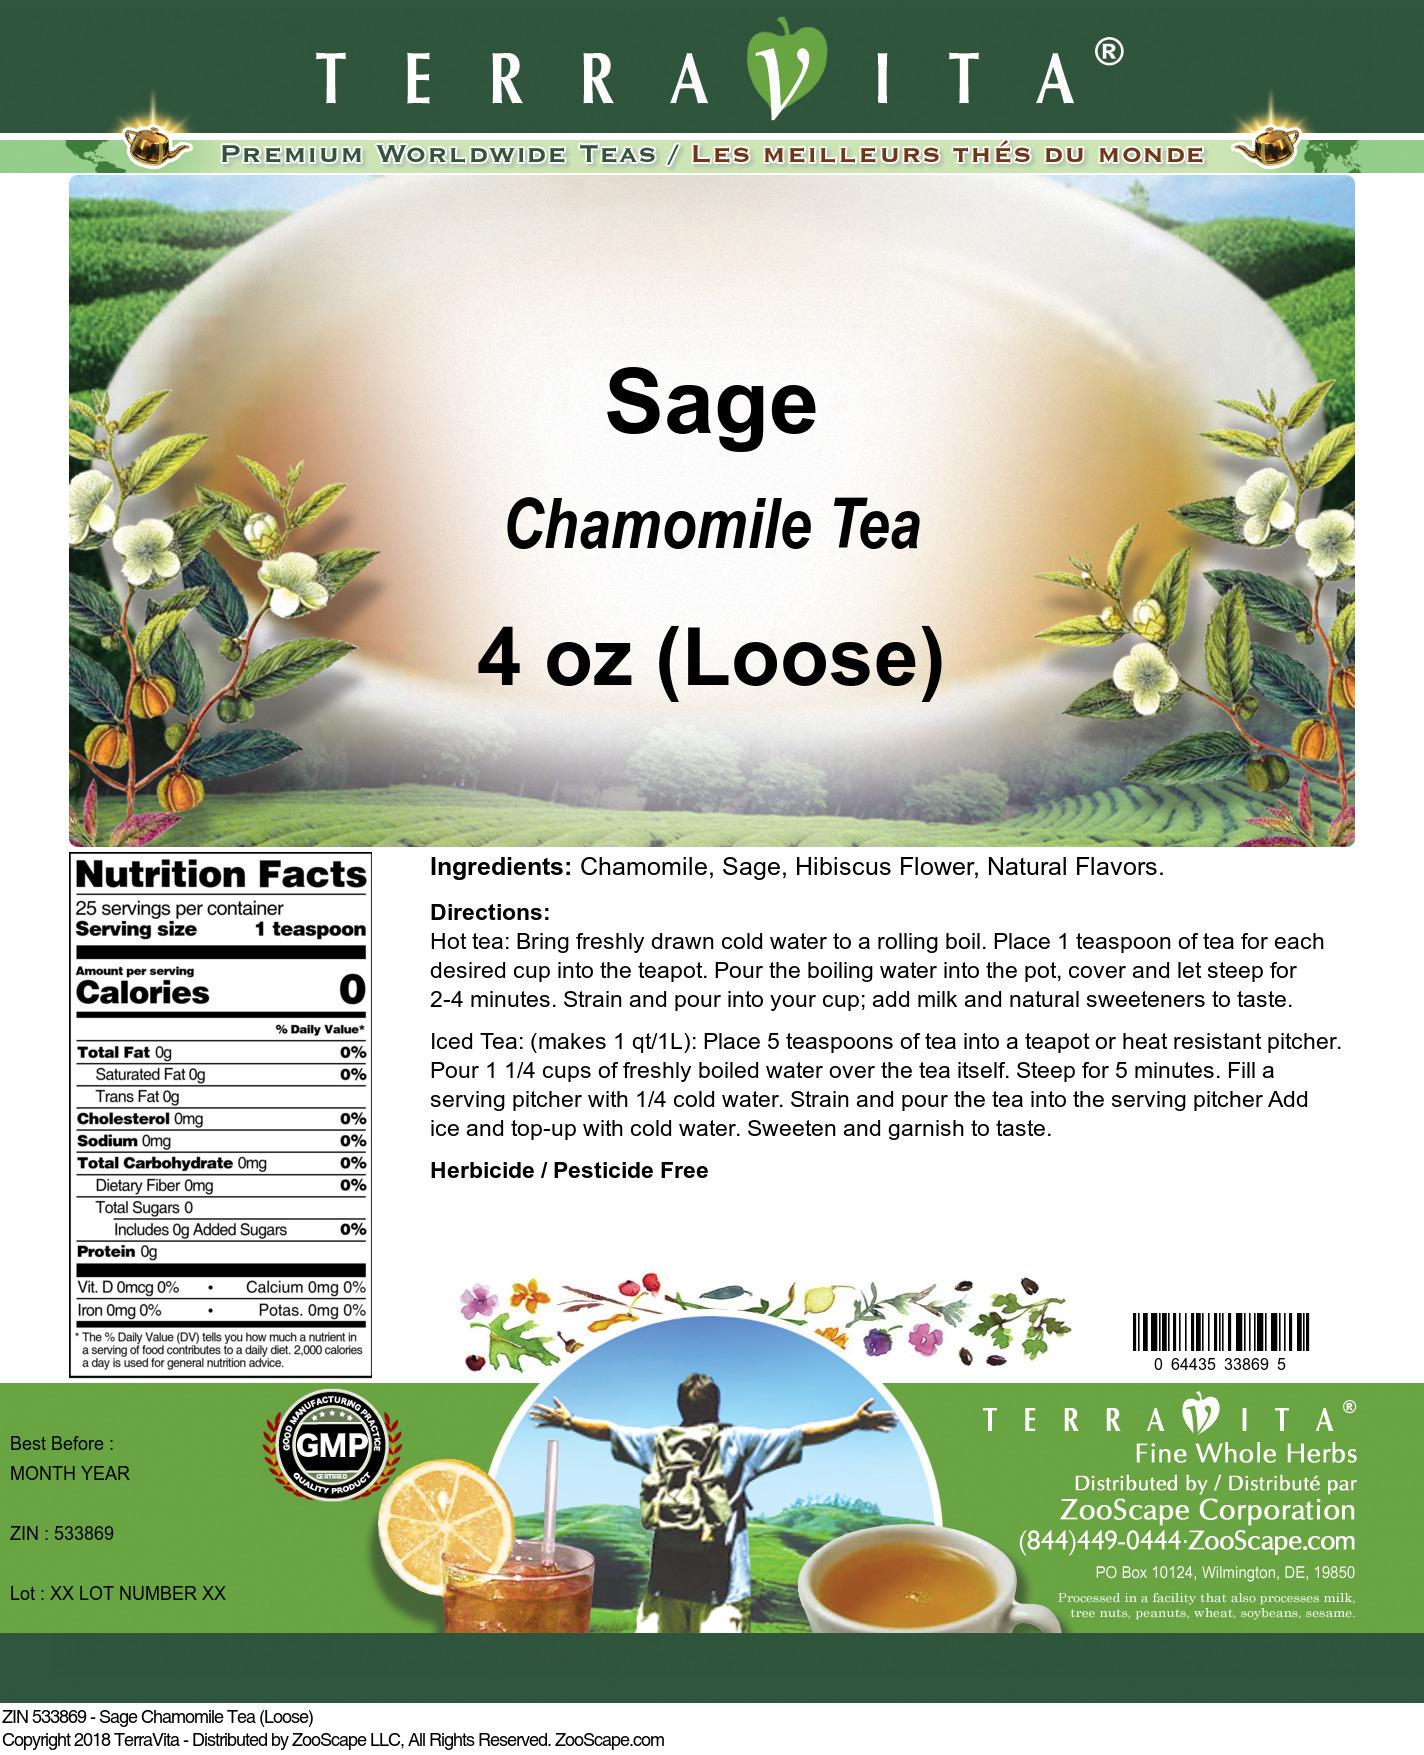 Sage Chamomile Tea (Loose)